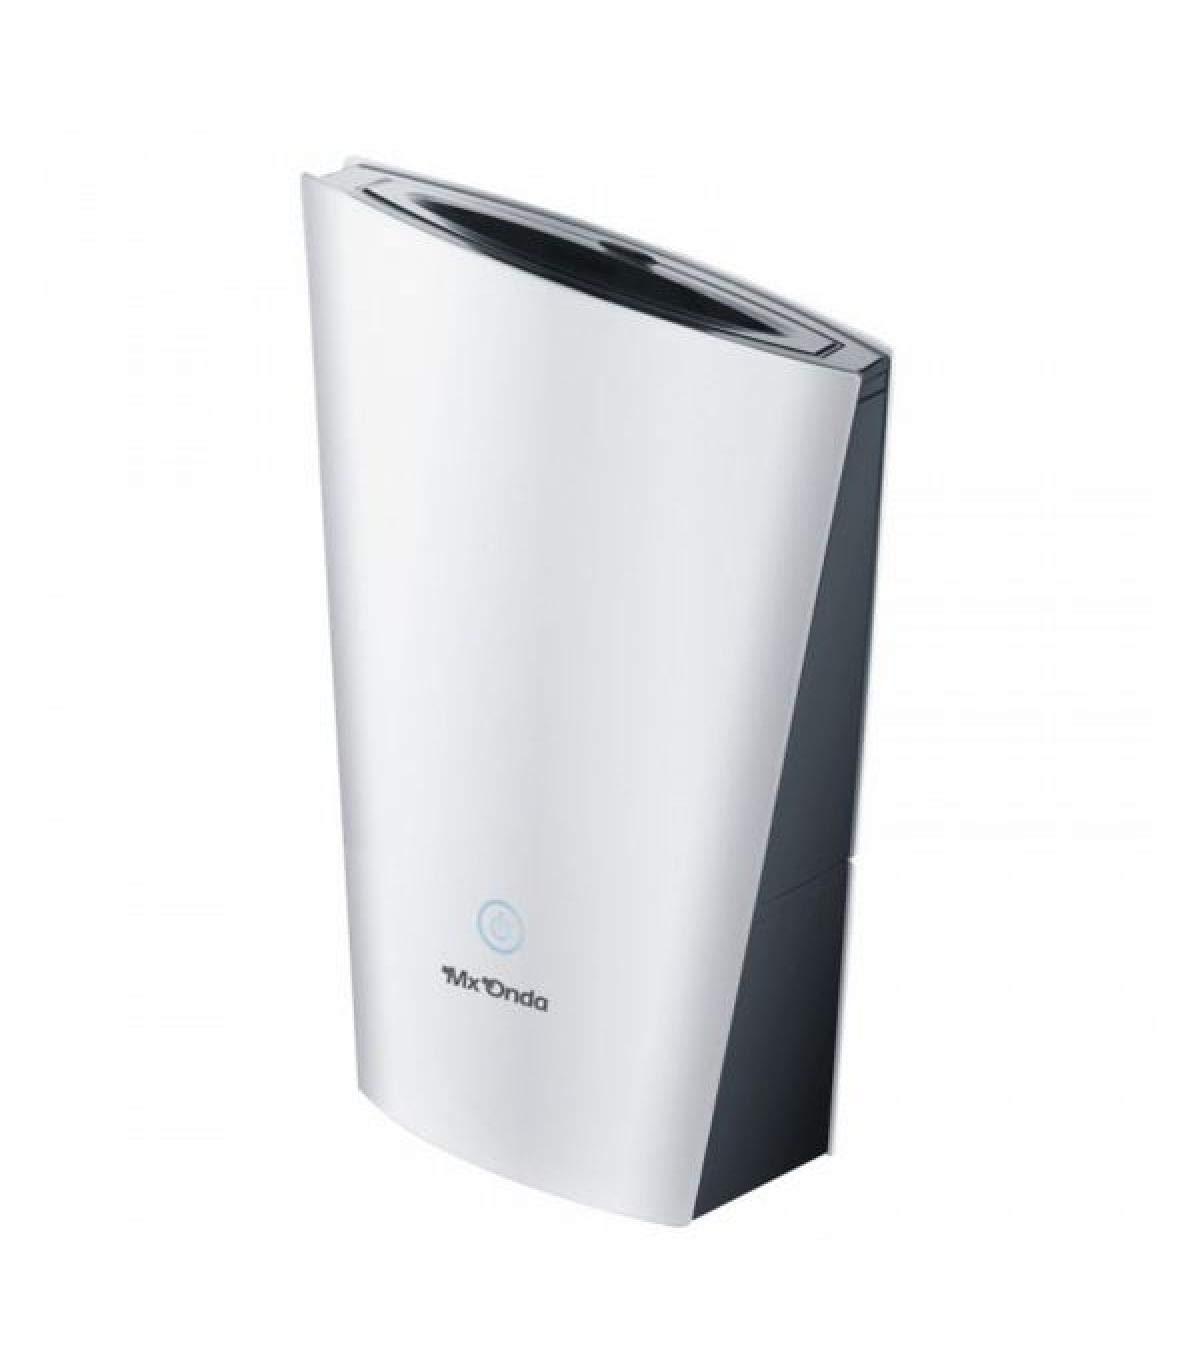 Pack de 3 filtros de repuesto para el 1byone humidificador ultras/ónico de vapor fr/ío blanco